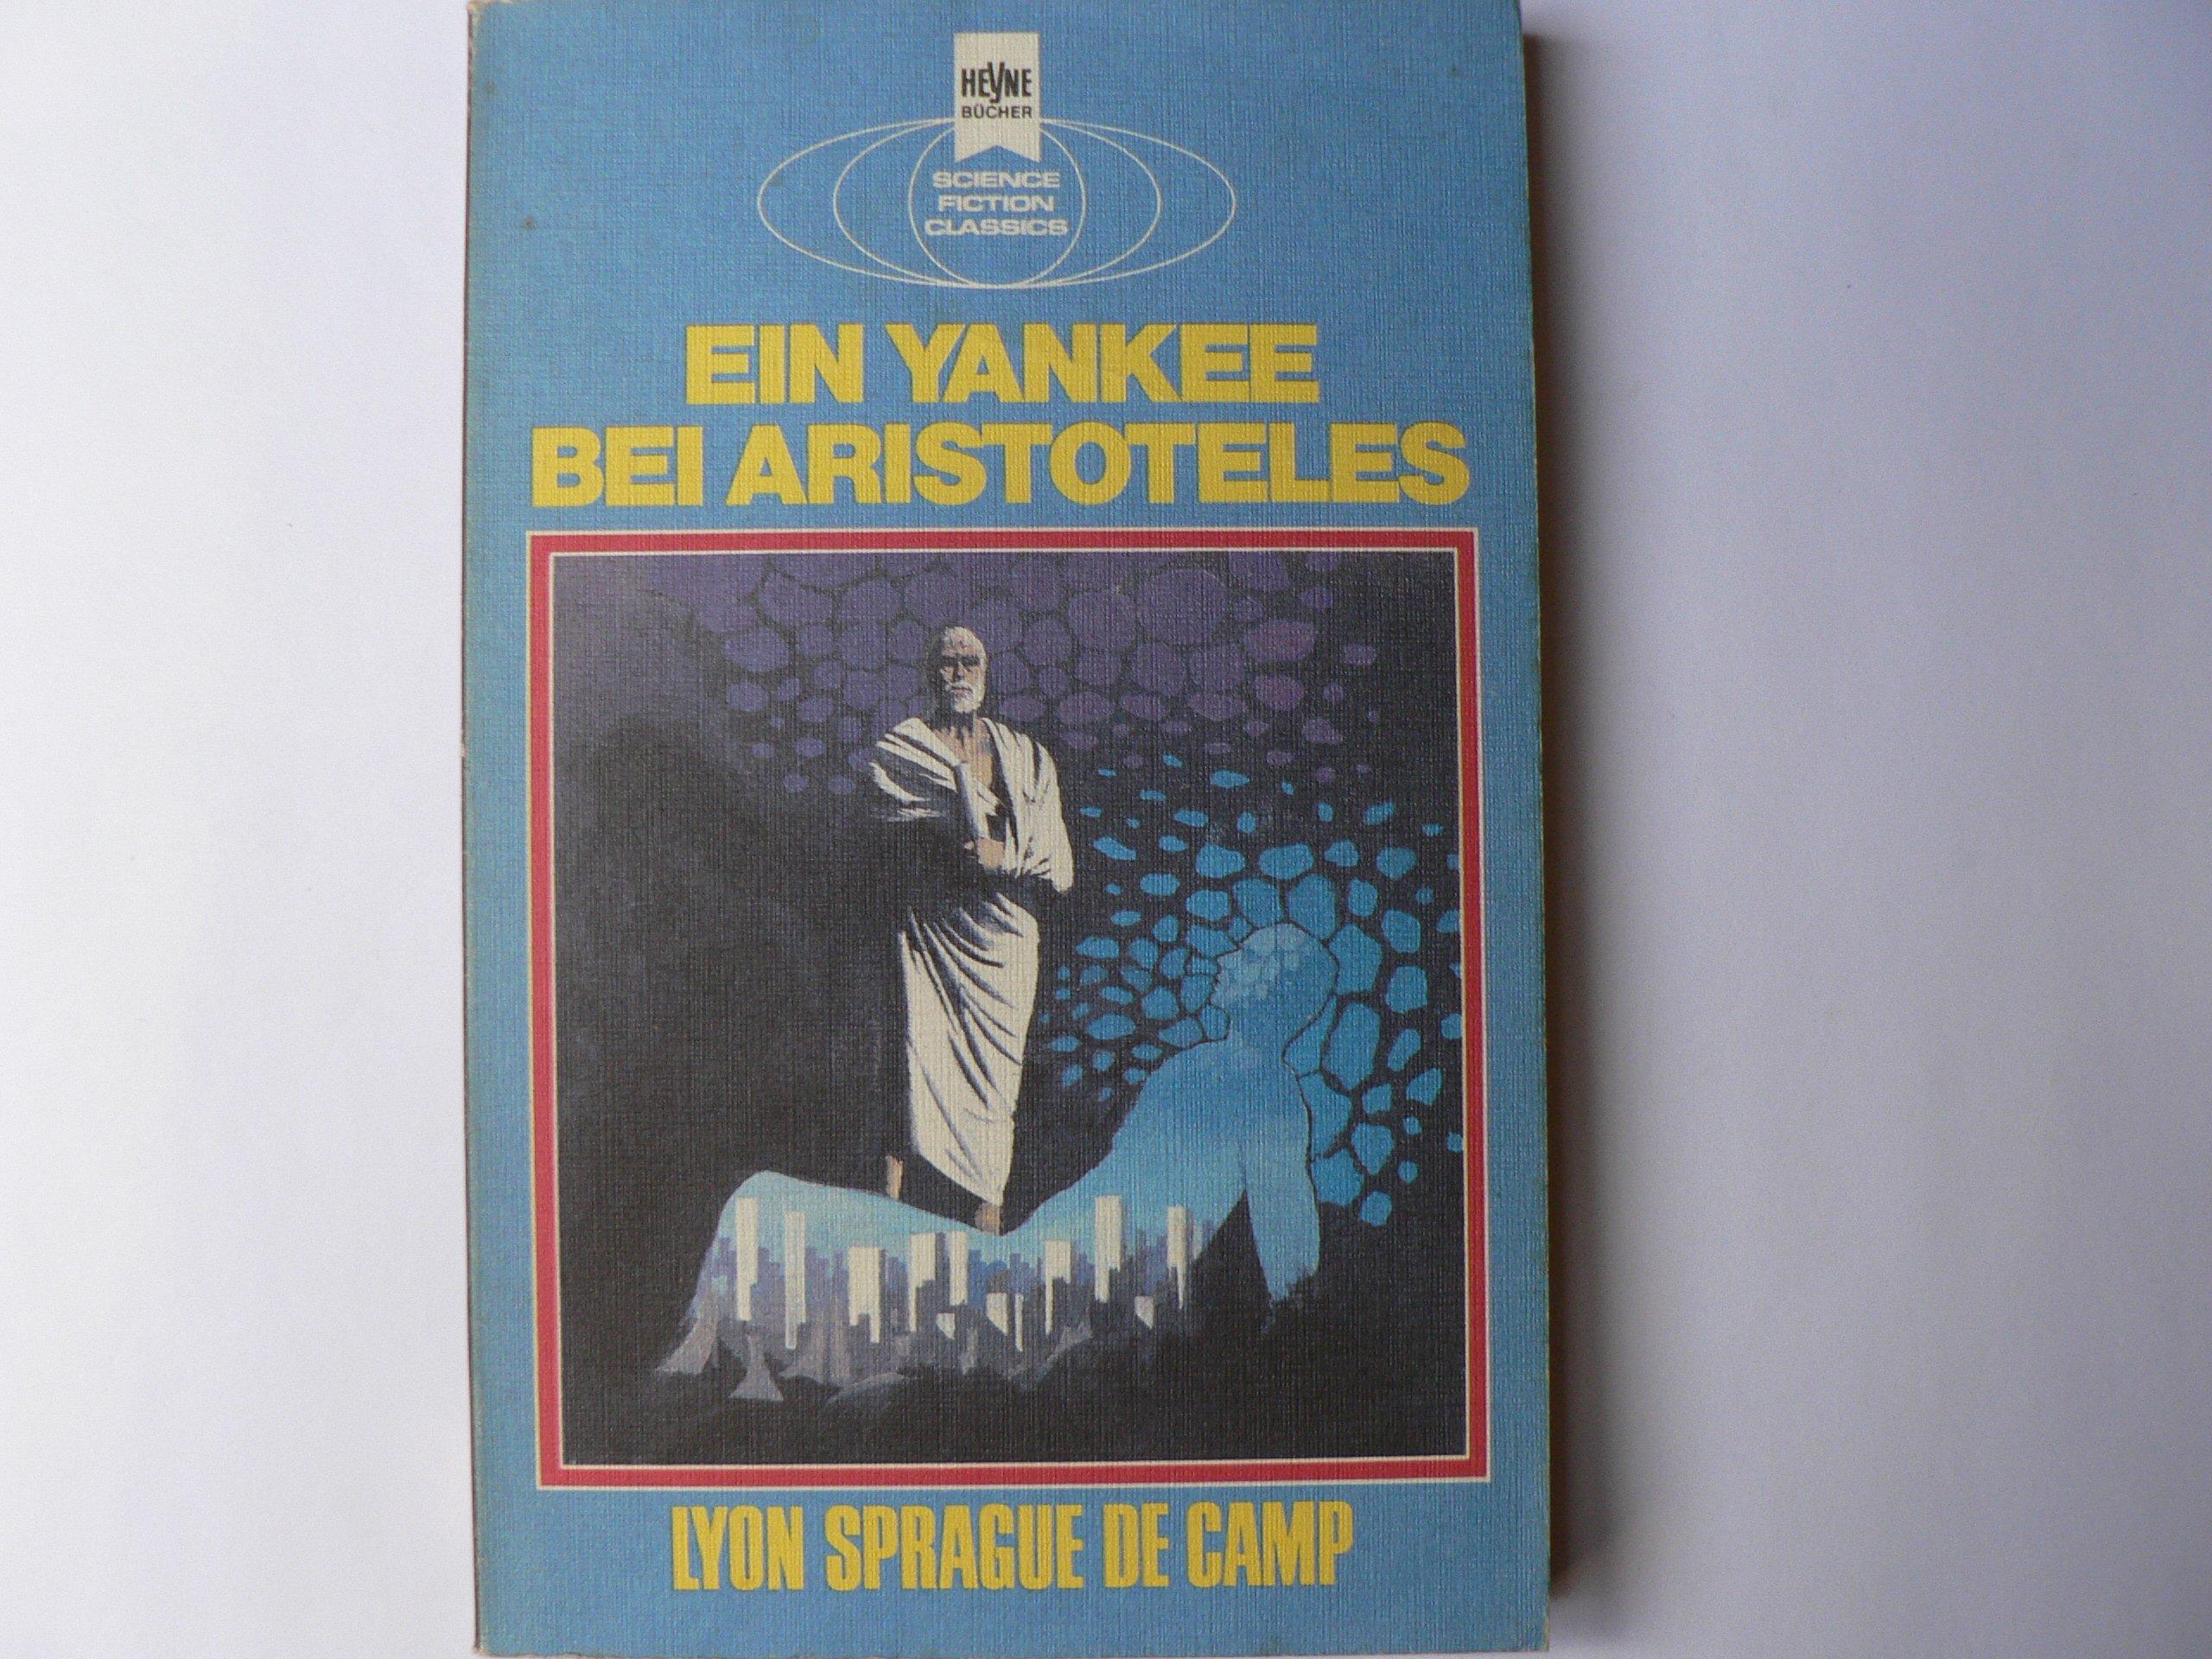 Lyon Sprague de Camp - Ein Yankee bei Aristoteles. Klassische SF-Erzählungen